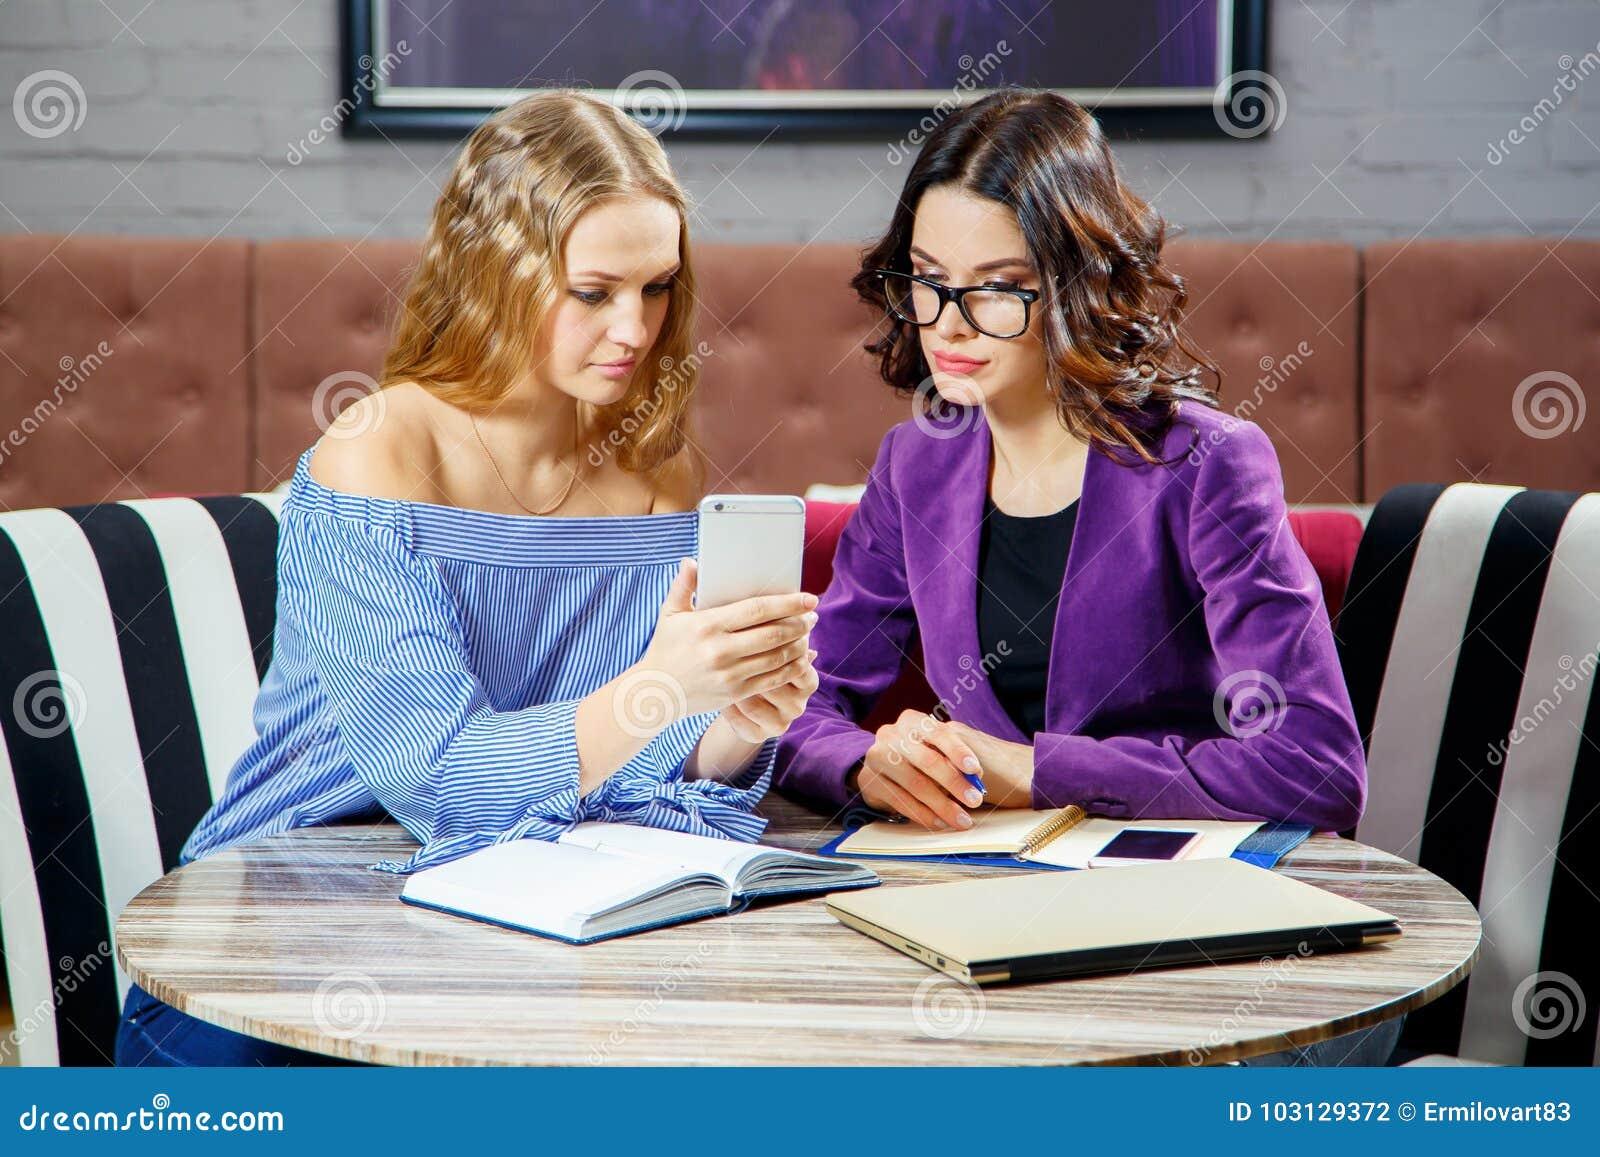 Deux indépendants discutent de nouveaux projets tout en se reposant dans un café avec des appareils électroniques